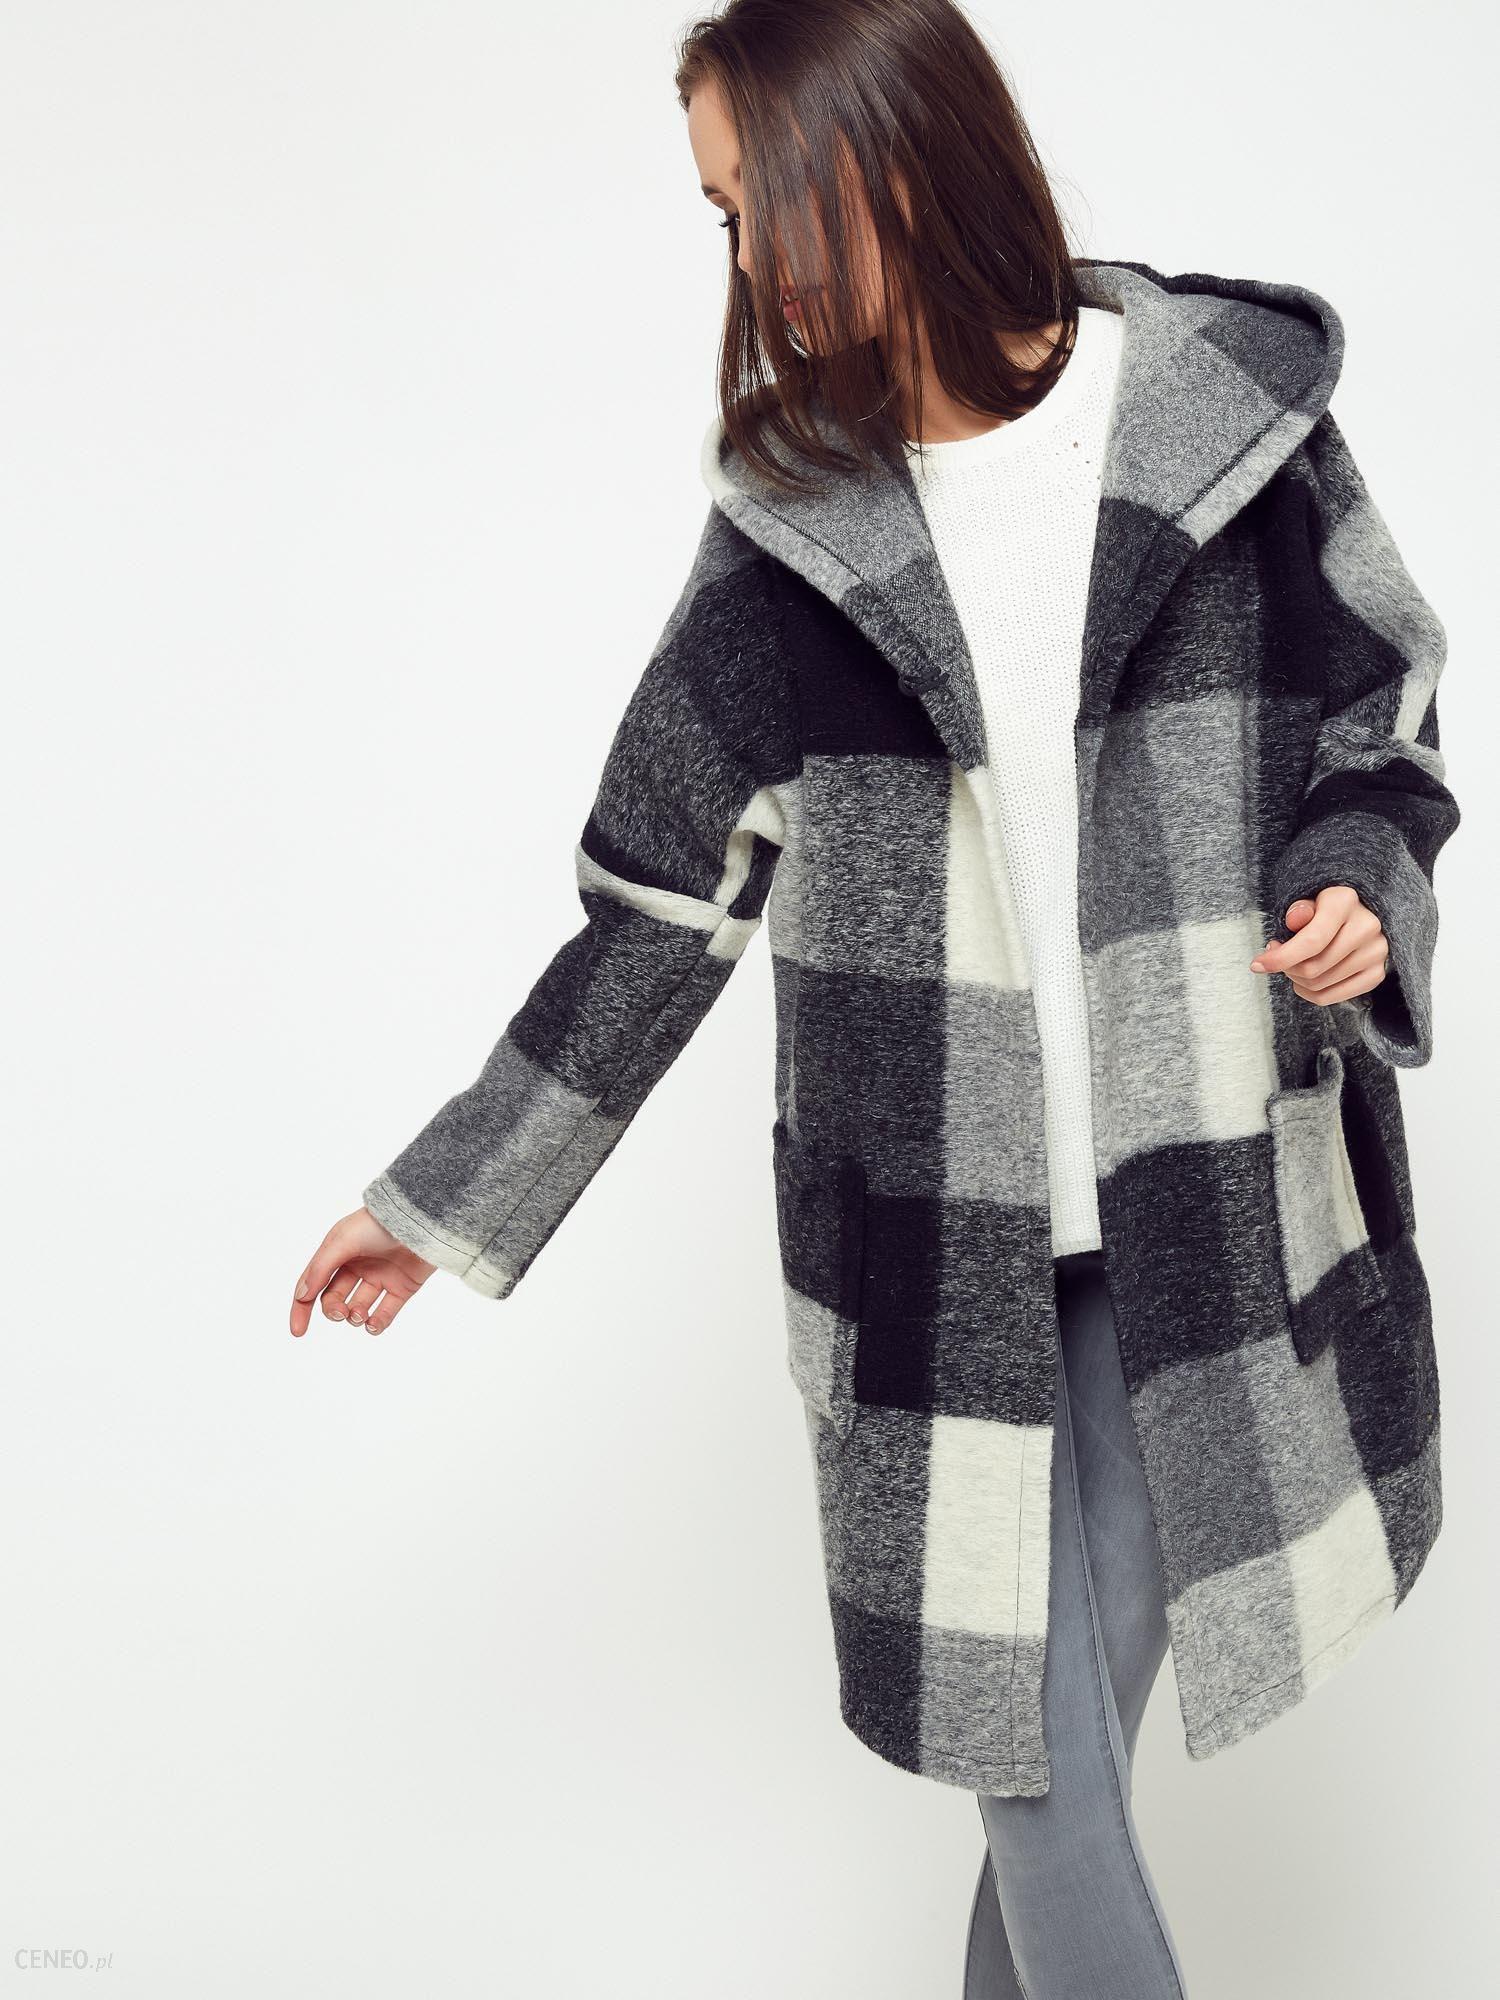 dd9362c653320 Płaszcz w kratkę oversize z kapturem szaro - czarny - Ceny i opinie ...